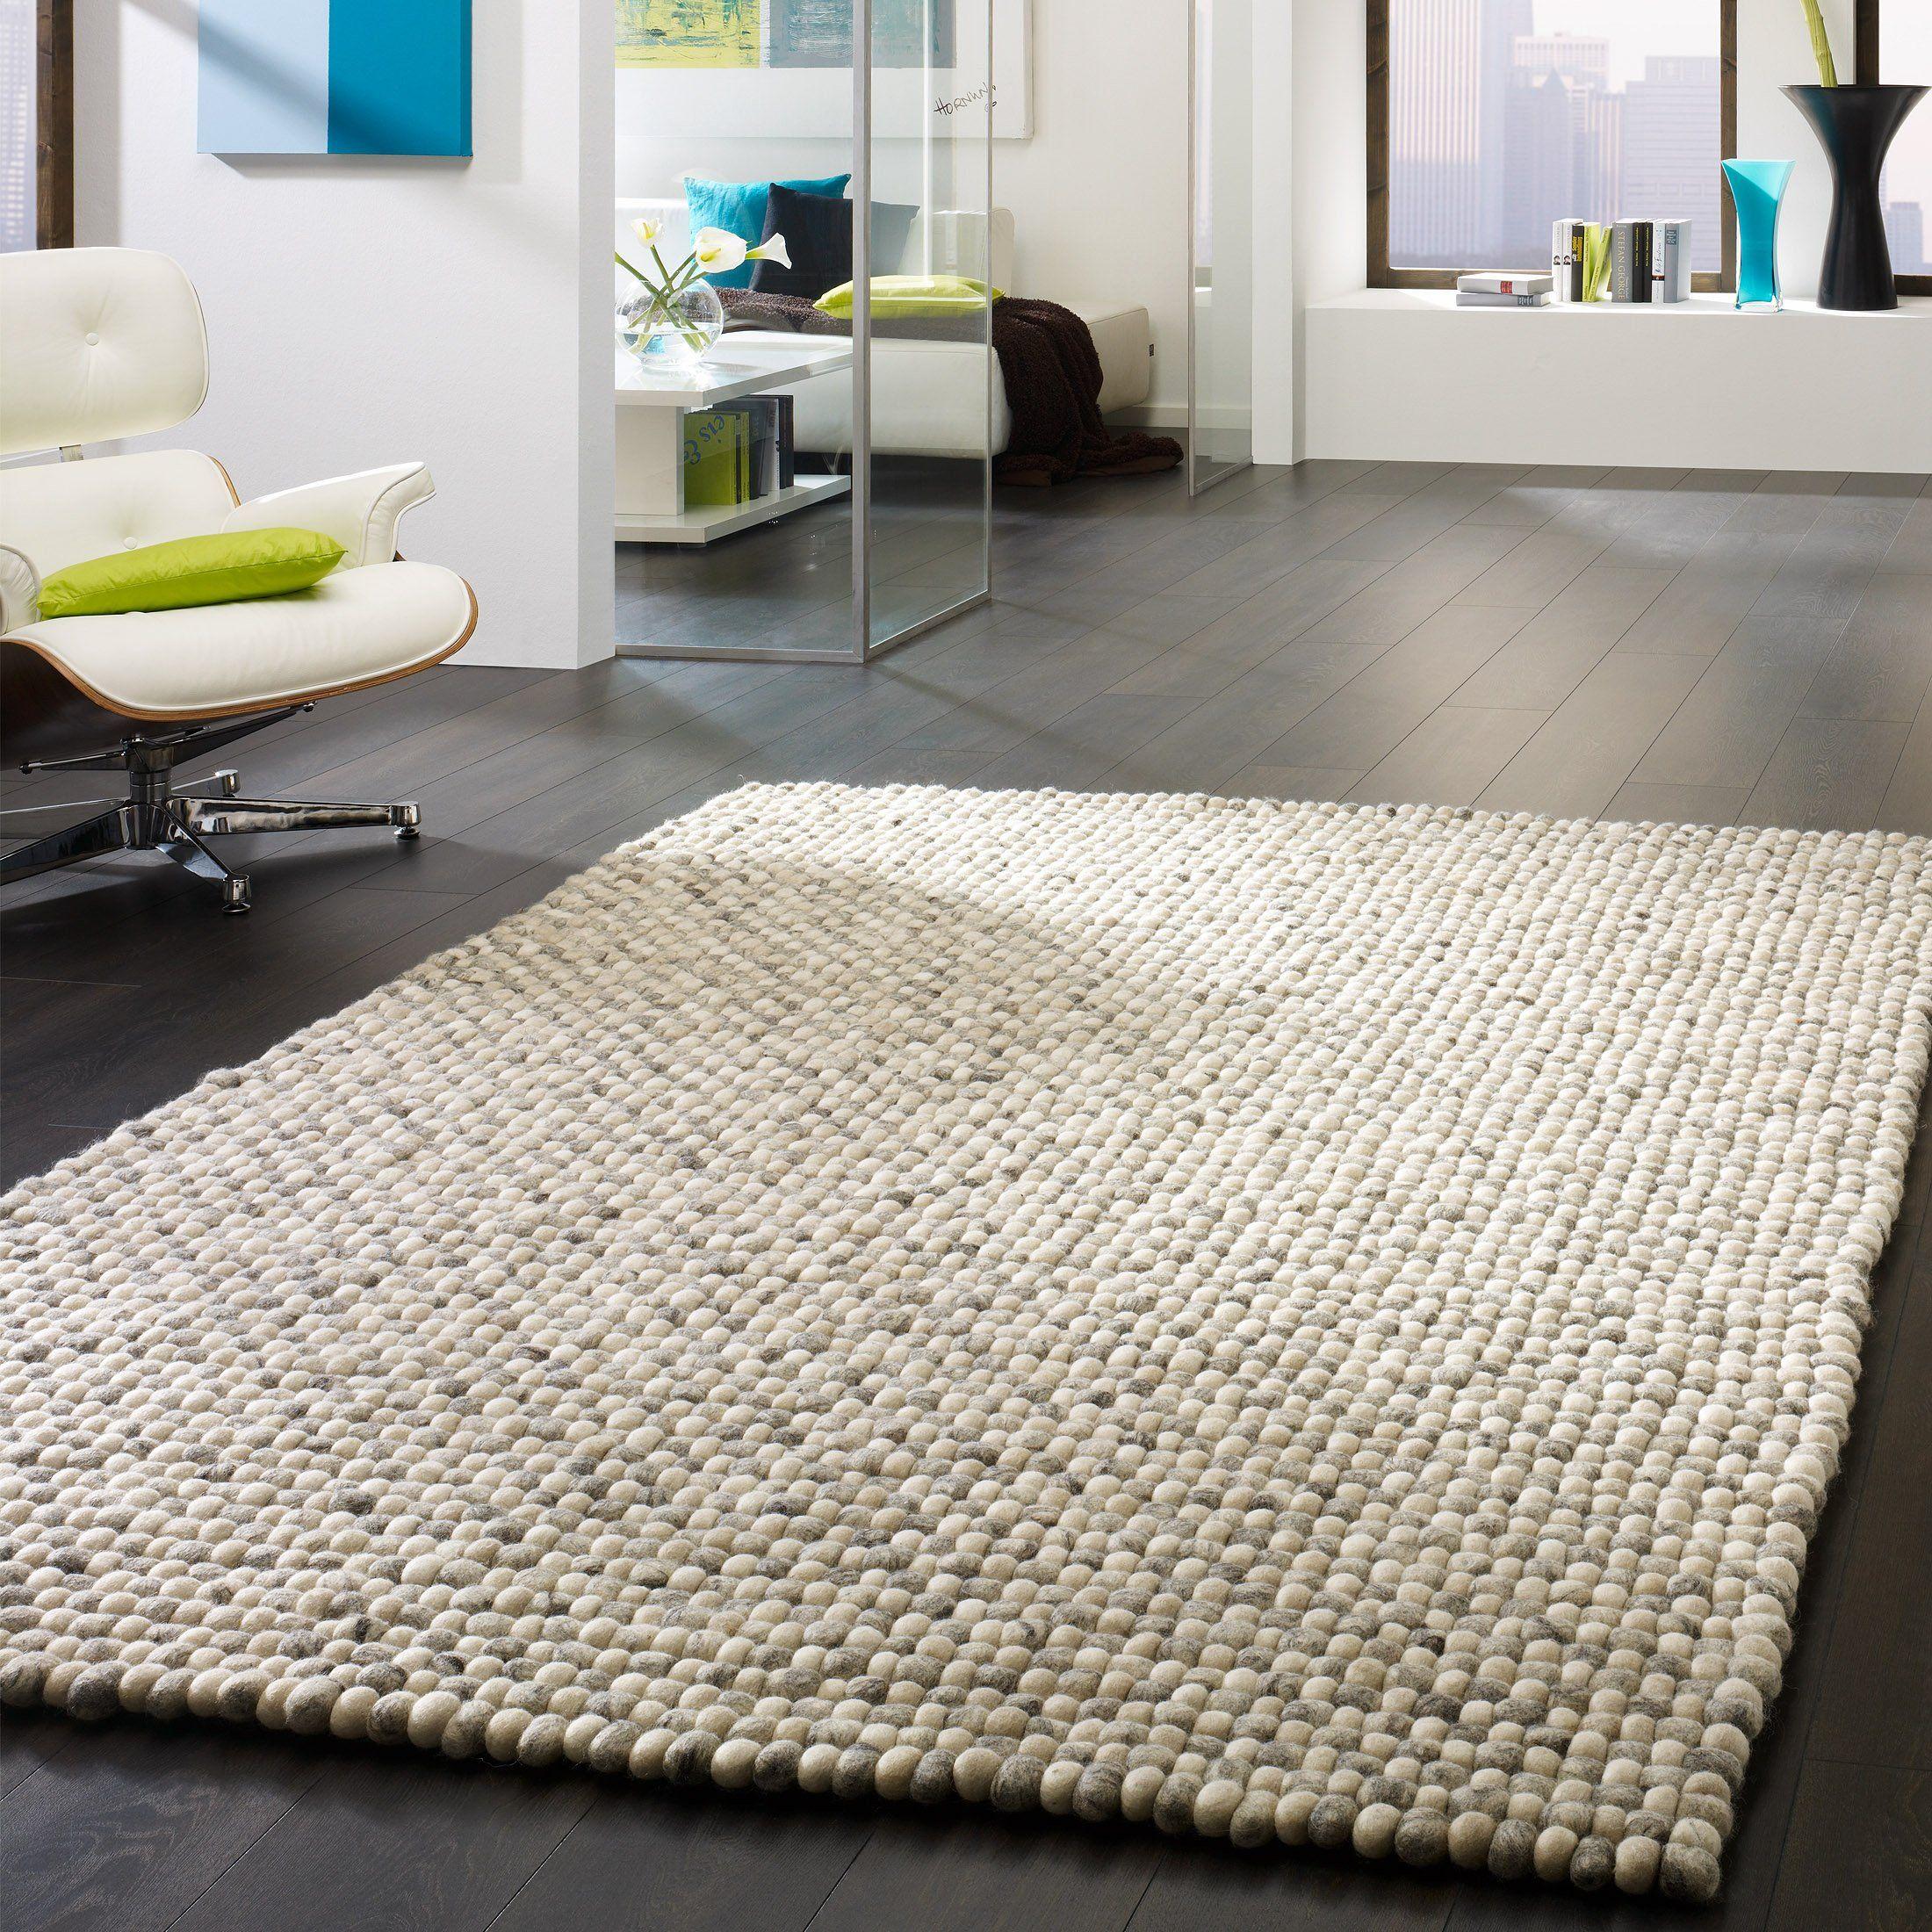 Teppich 2 rugs pinterest teppiche bodenbelag und wohnzimmer teppich 2 parisarafo Image collections